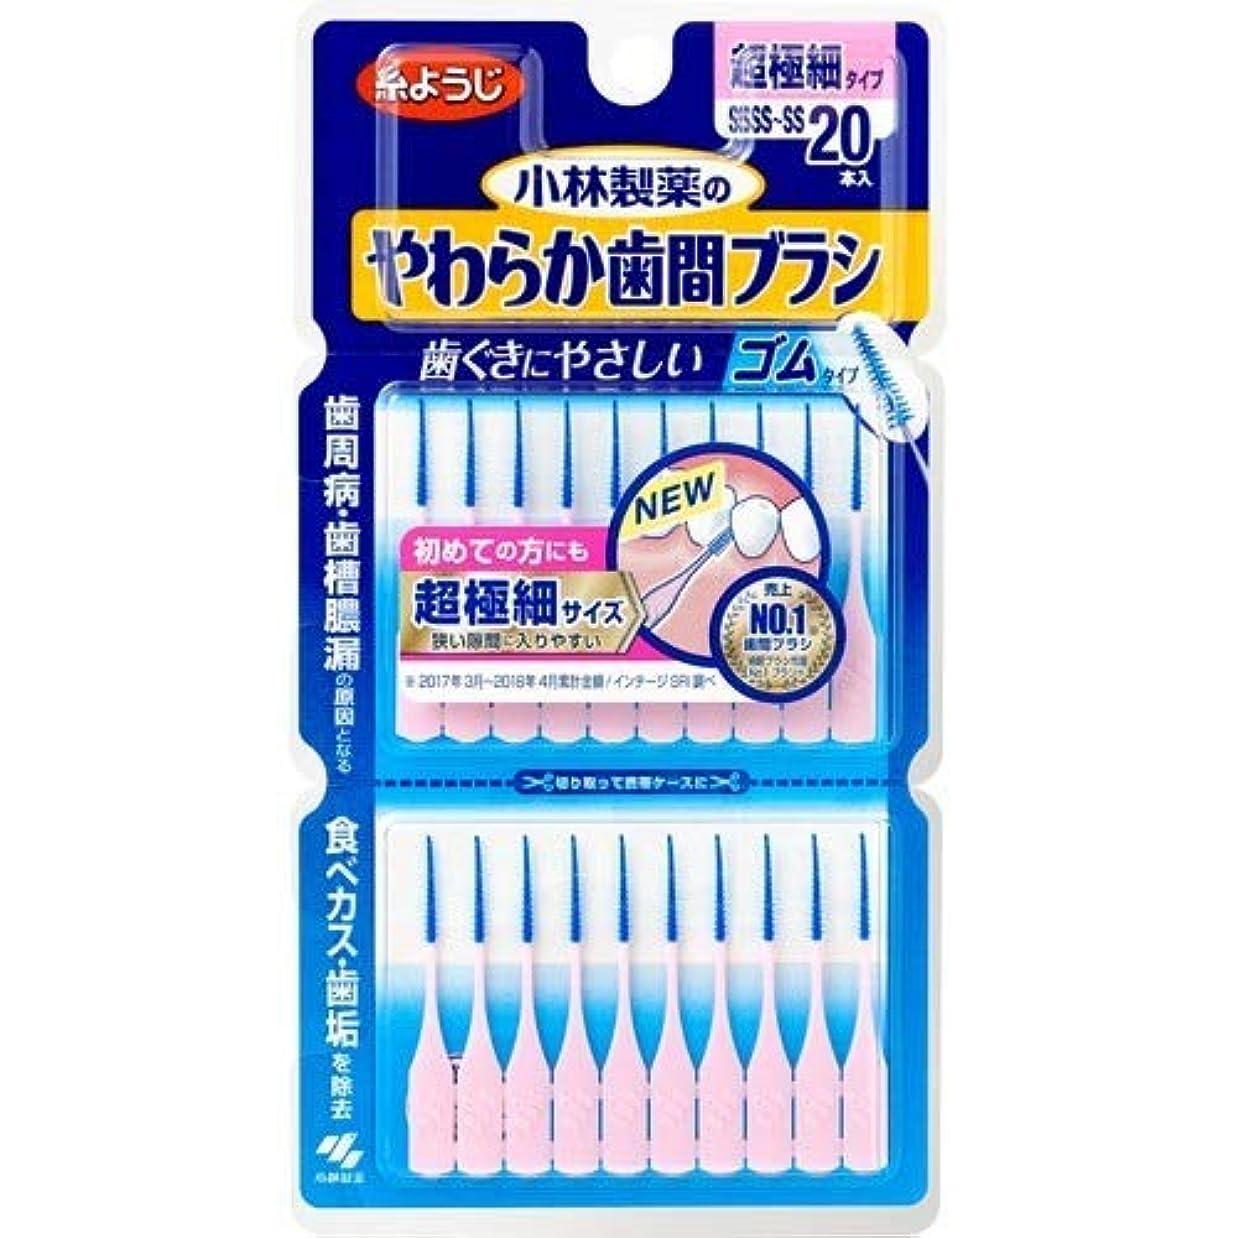 違反肯定的春小林製薬 やわらか歯間ブラシ SSSS~SSサイズ 20本入 超極細ゴムタイプ